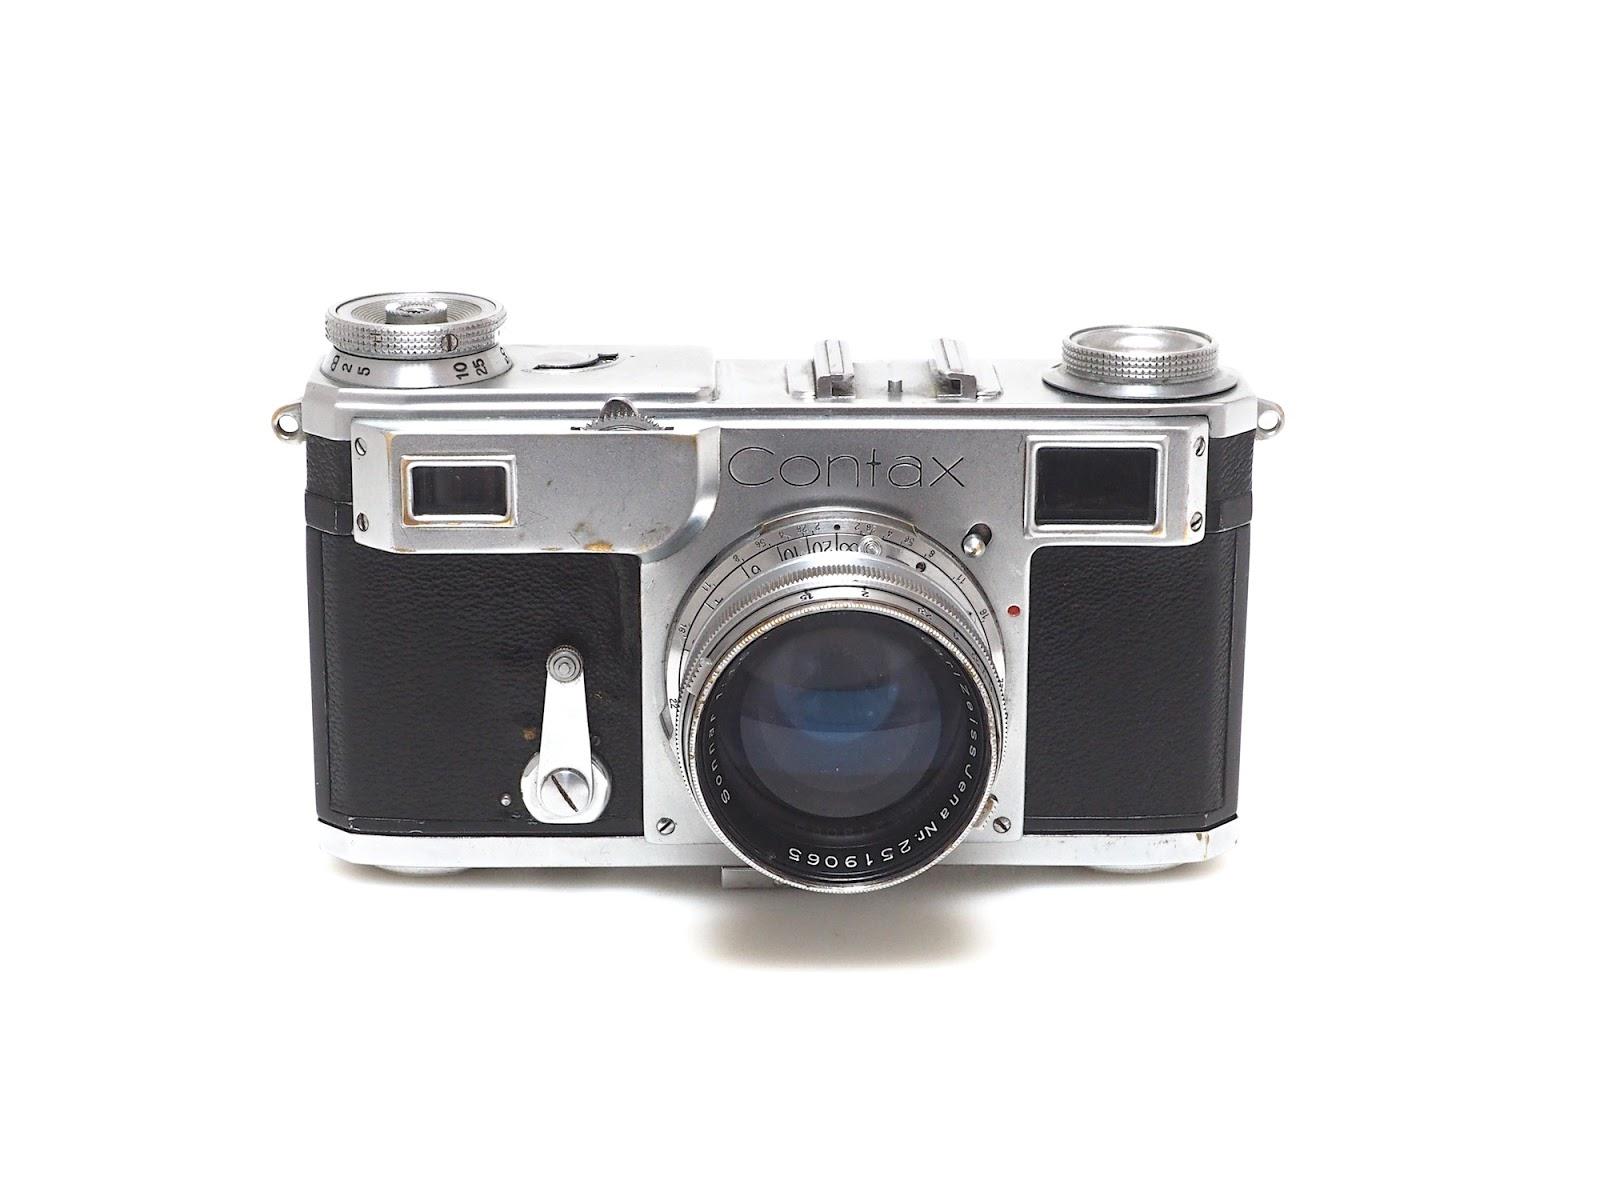 Leica Oder Zeiss Entfernungsmesser : Knippsen zeiss ikon contax ii